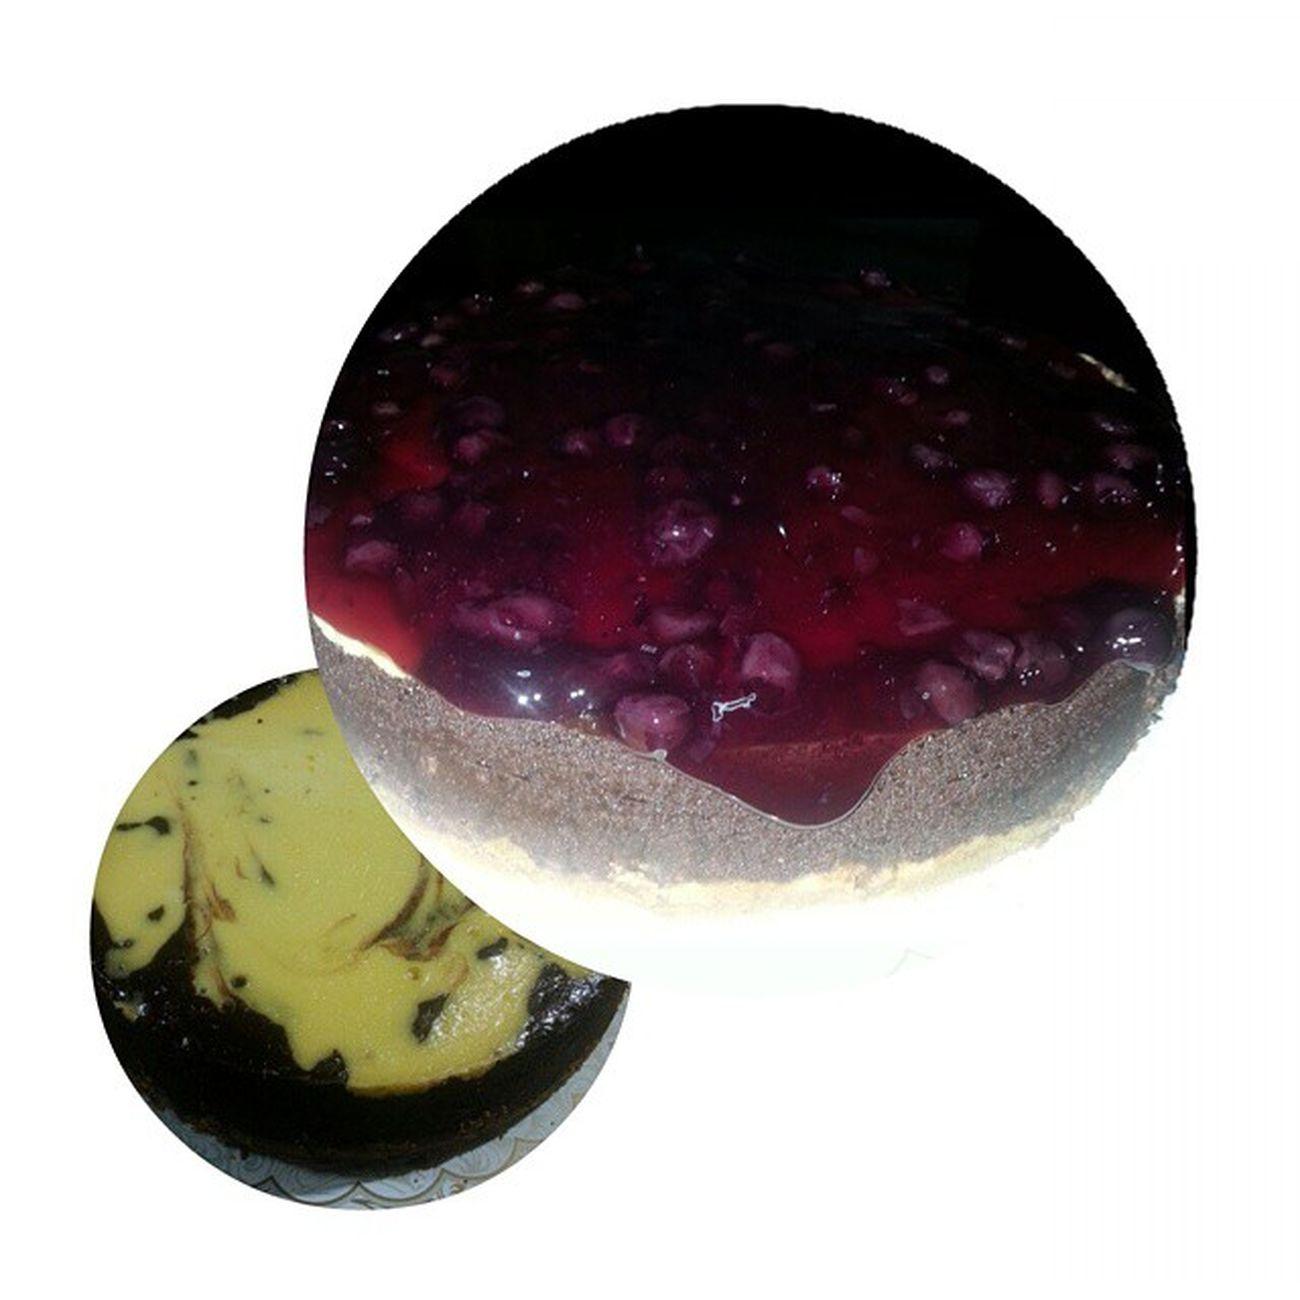 chocolate vanilla blueberry cheesecake Ourfavorite